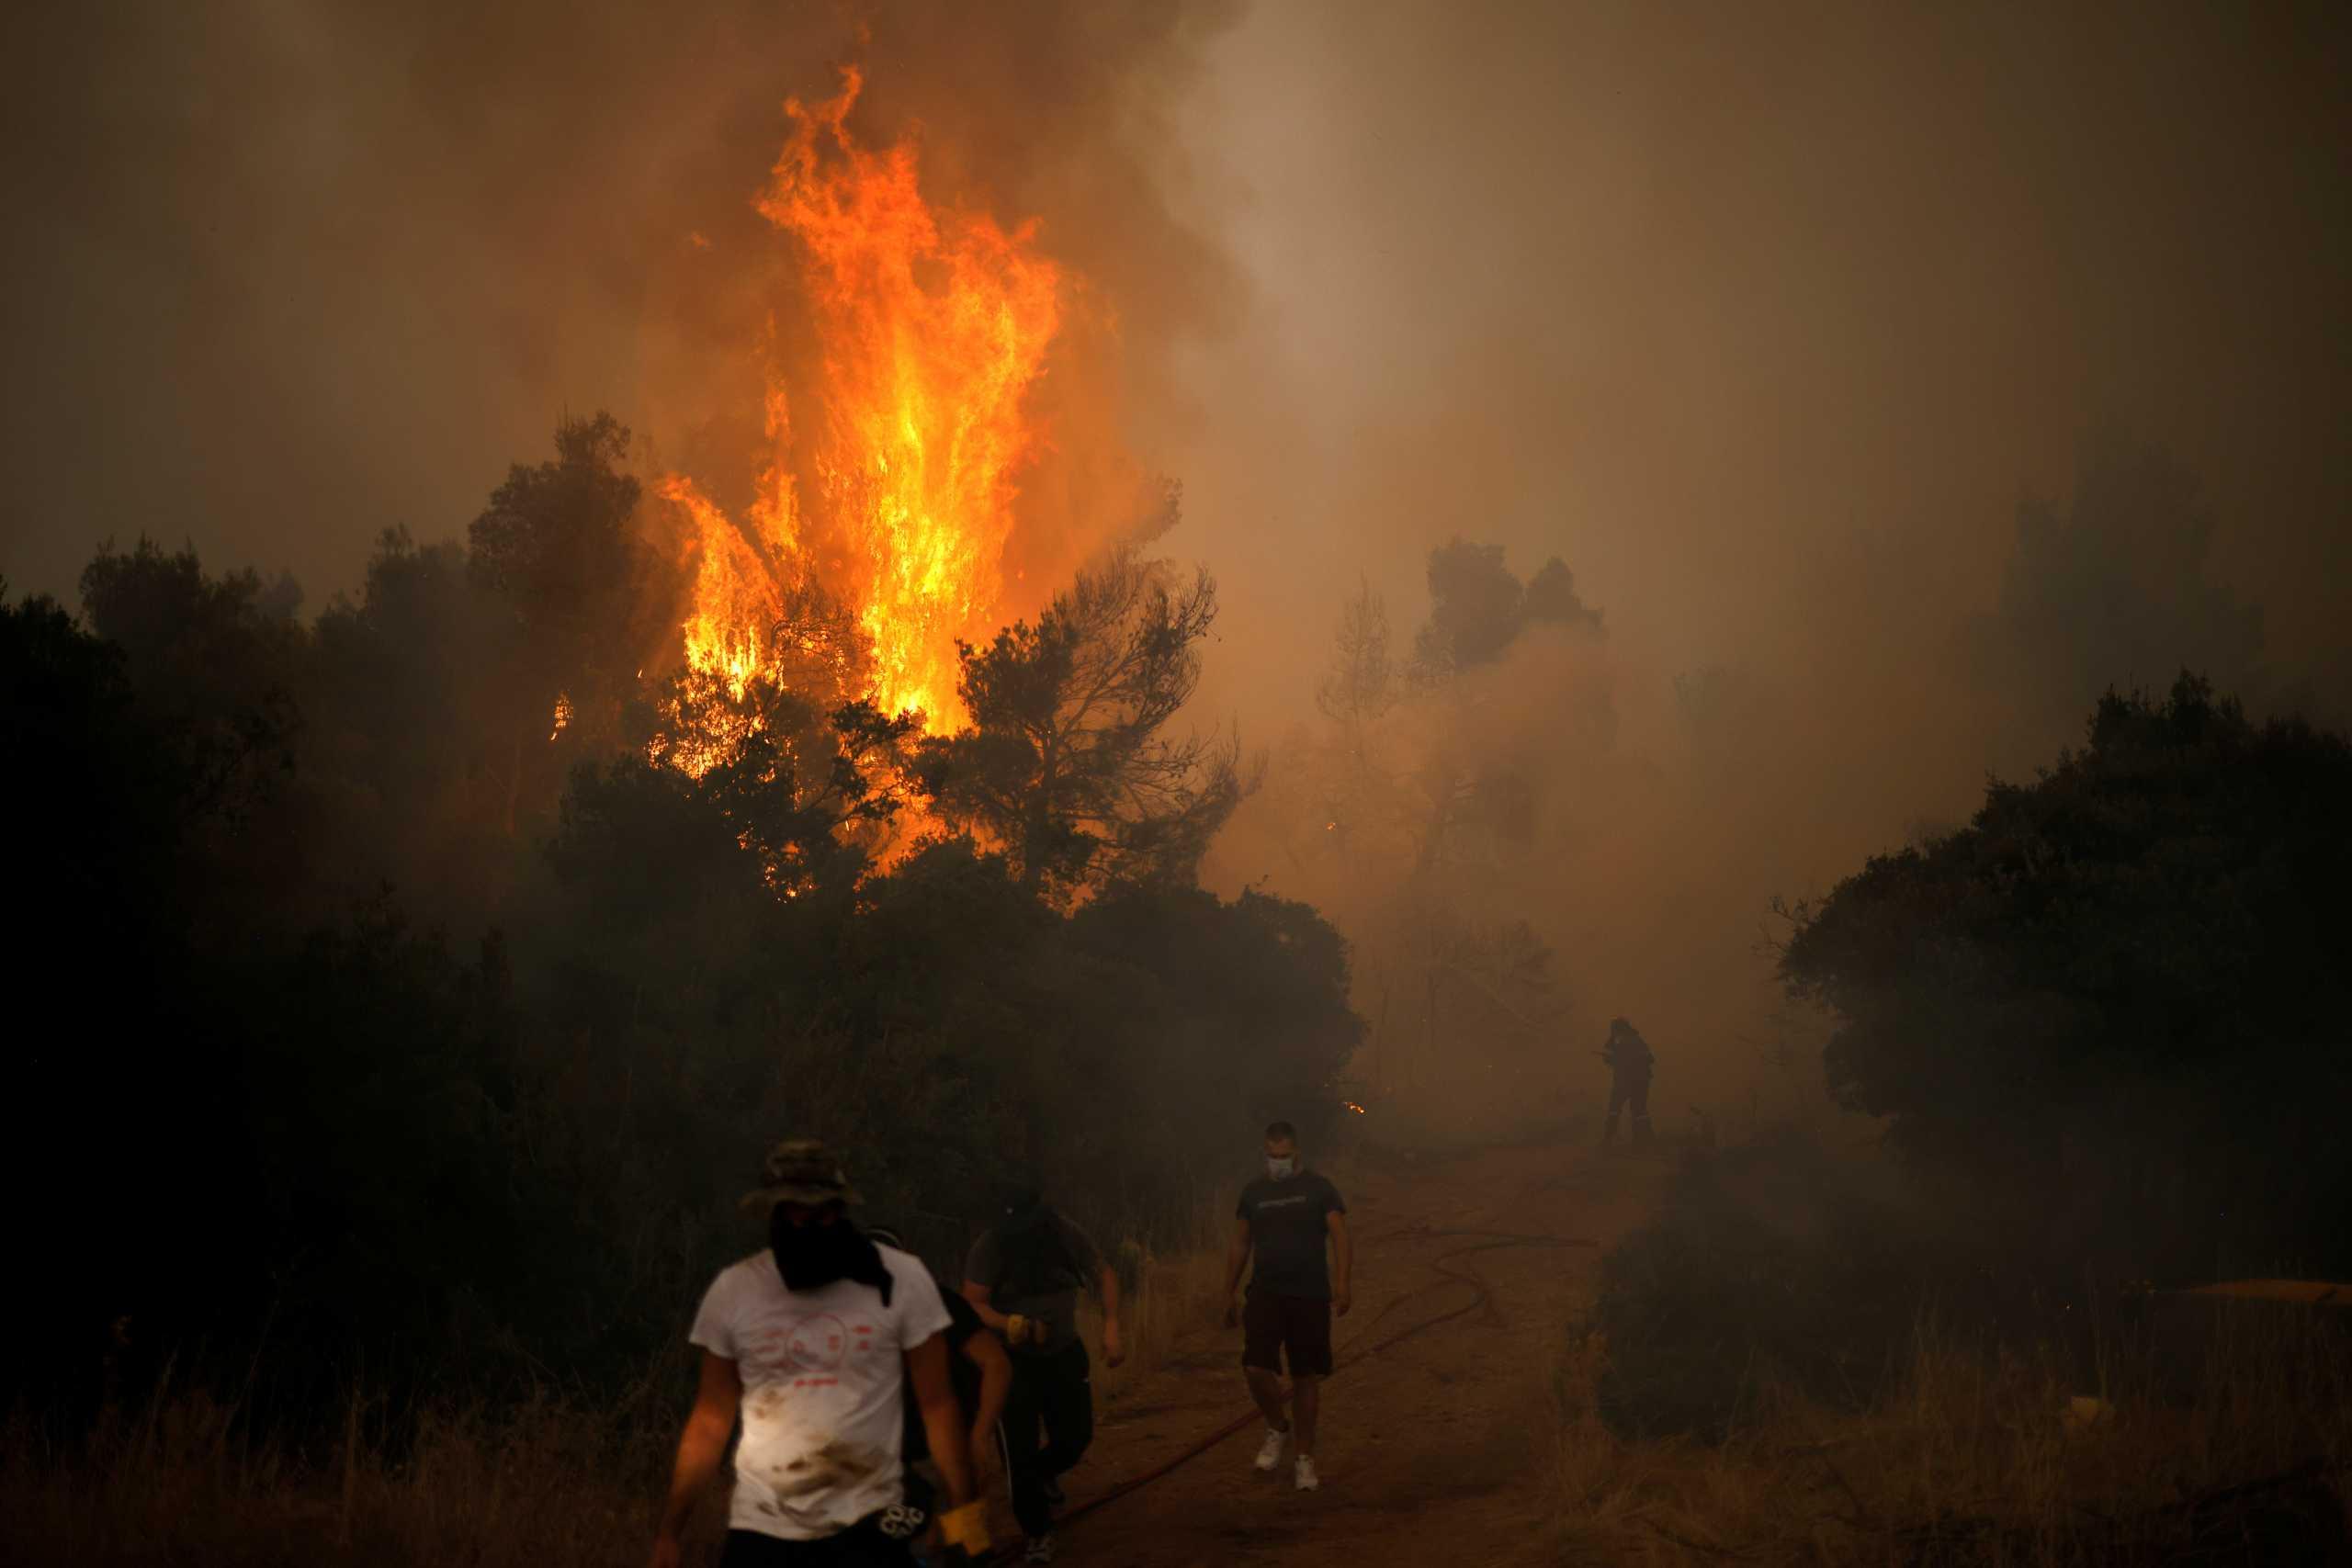 Χρυσοχοΐδης: Εισαγγελέας ερευνά όλες τις φετινές μεγάλες φωτιές